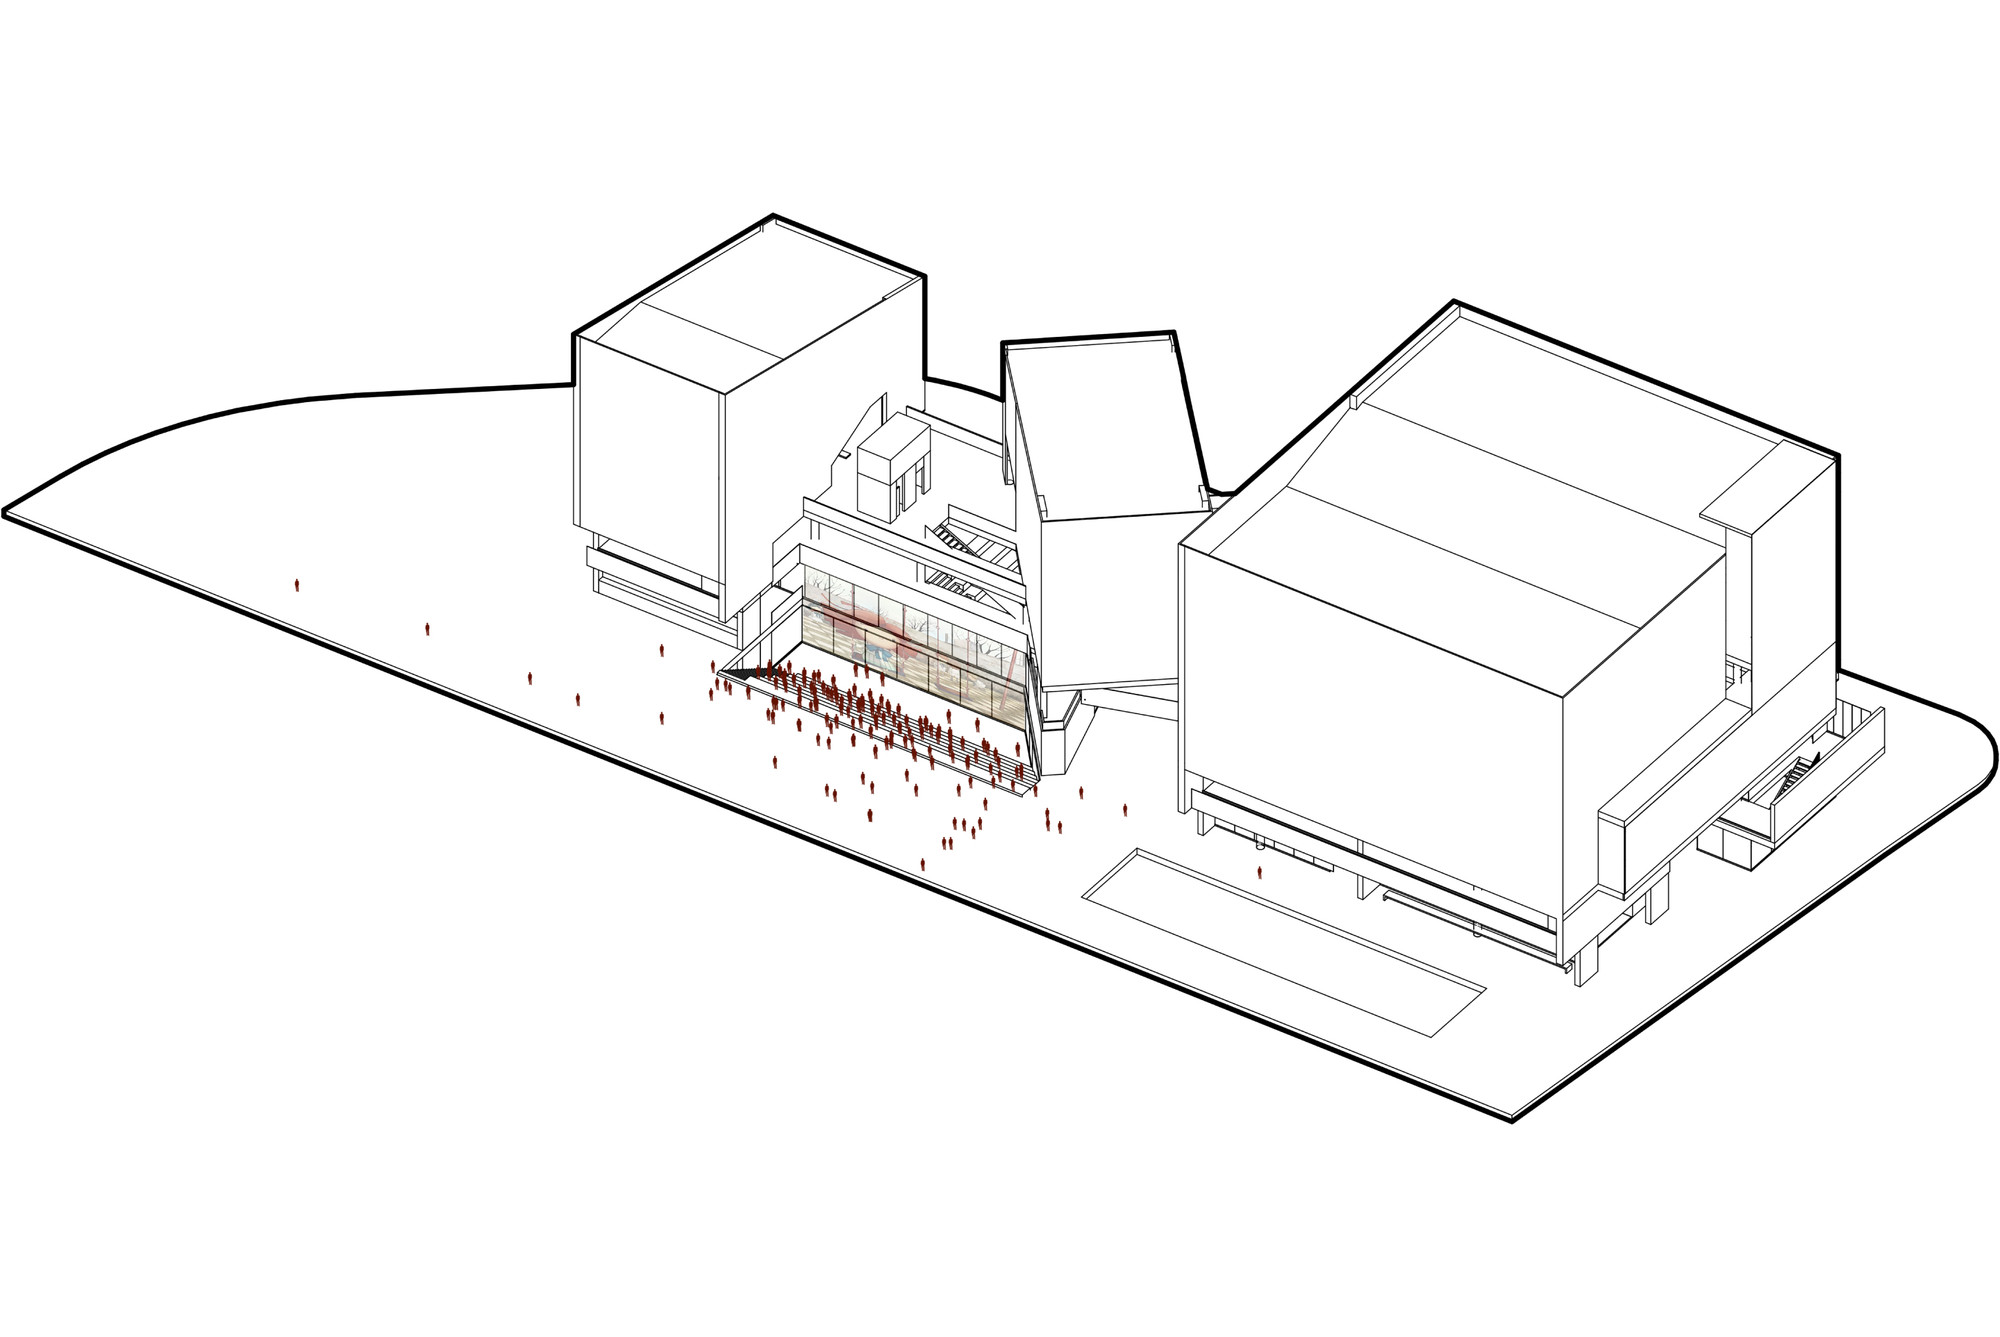 Usos #02. Image Cortesia de Eje A Arquitectura y Urbanismo